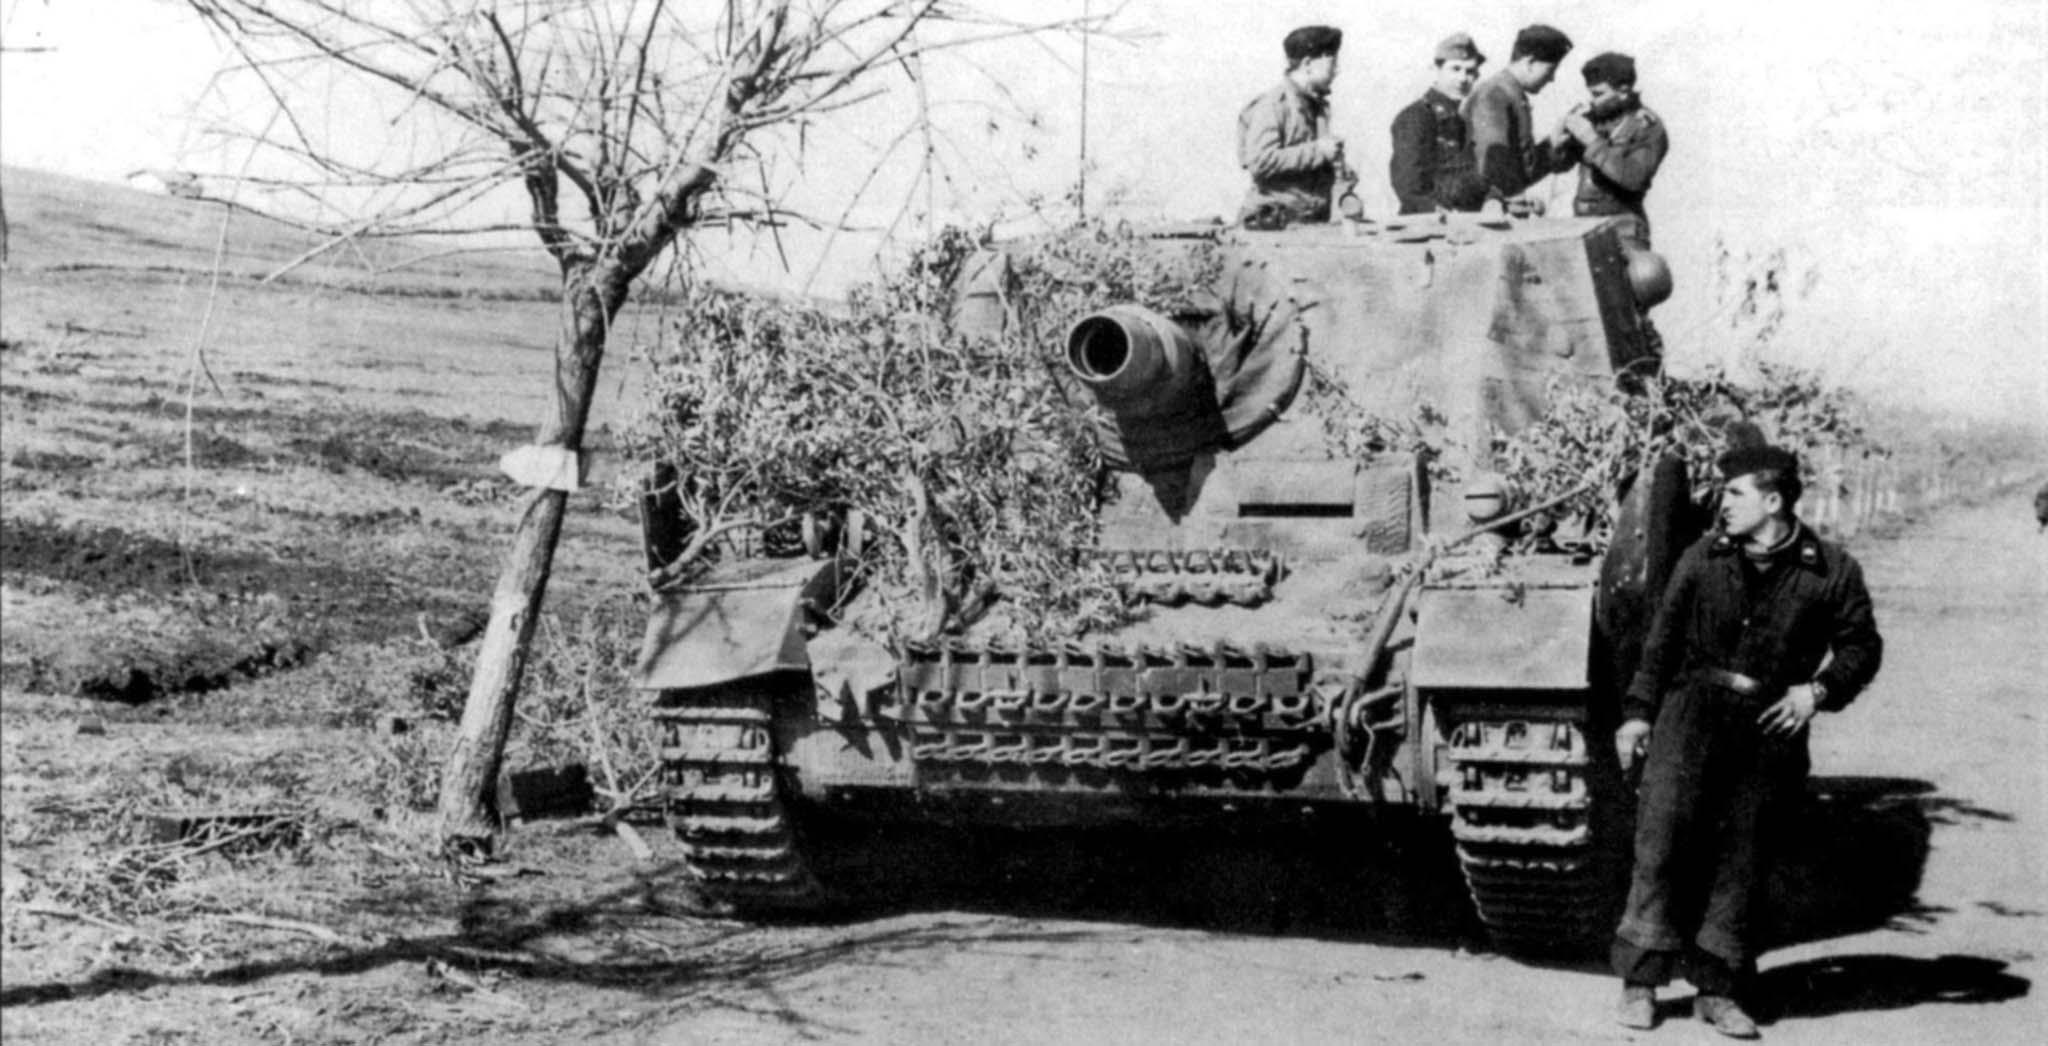 Sturmpanzer IV